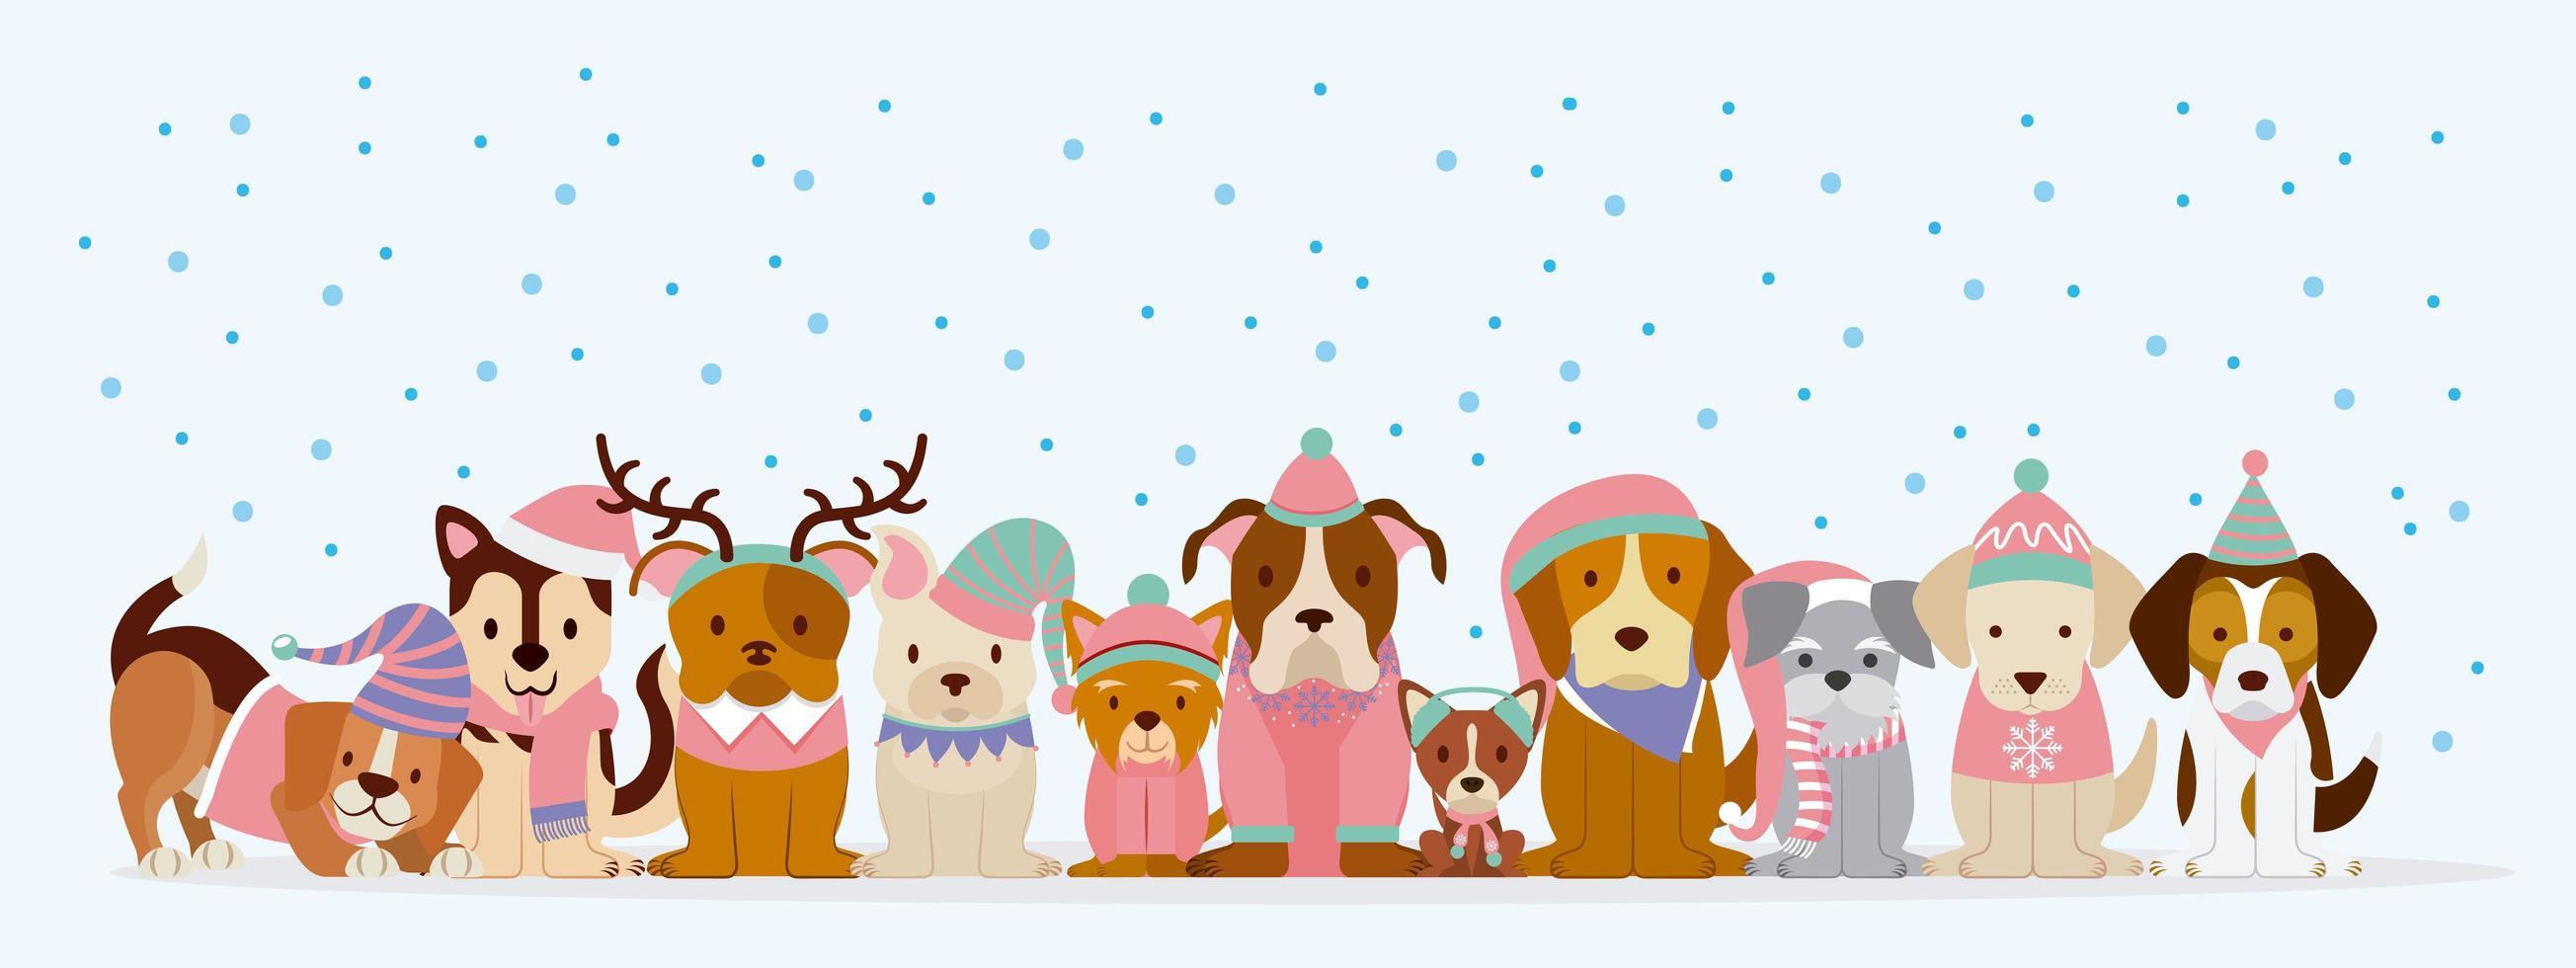 cani in inverno abbigliamento nella neve vettore